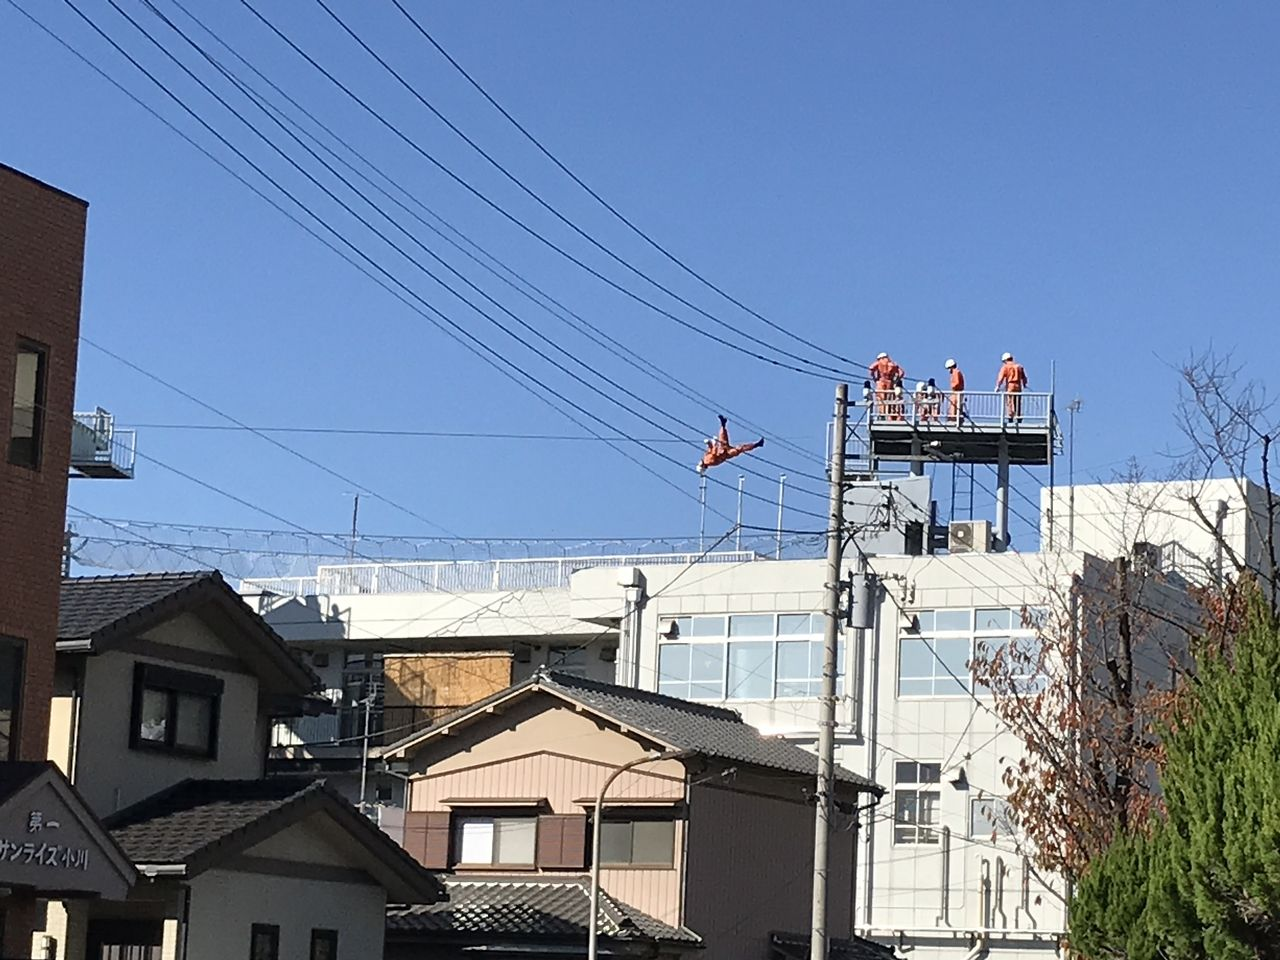 行徳の消防署の屋上で訓練する消防士1